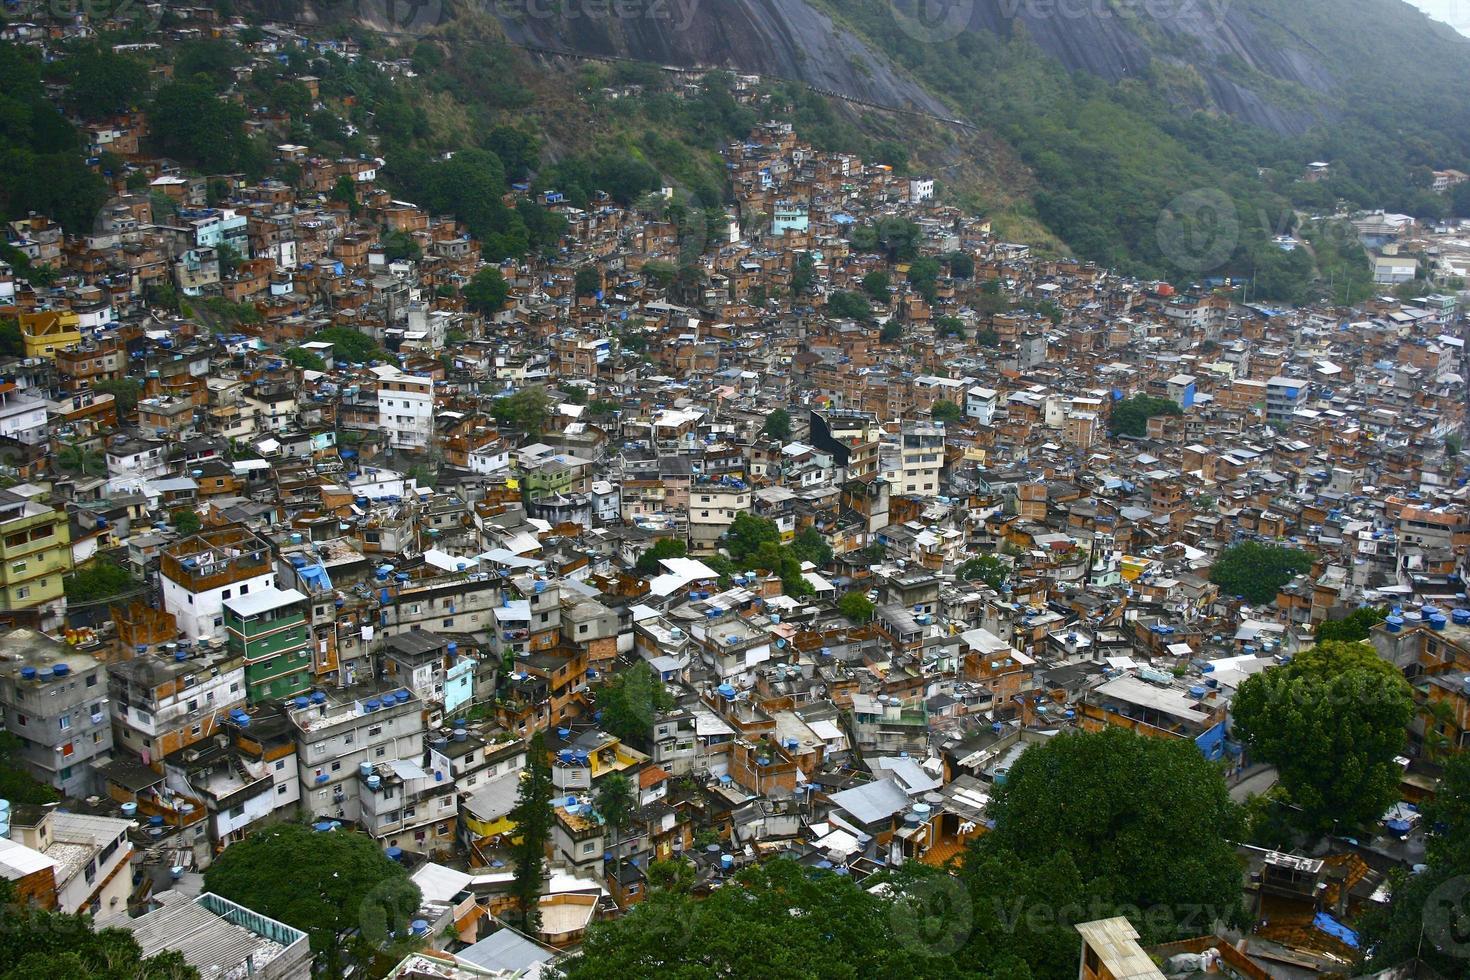 heuvel favela foto